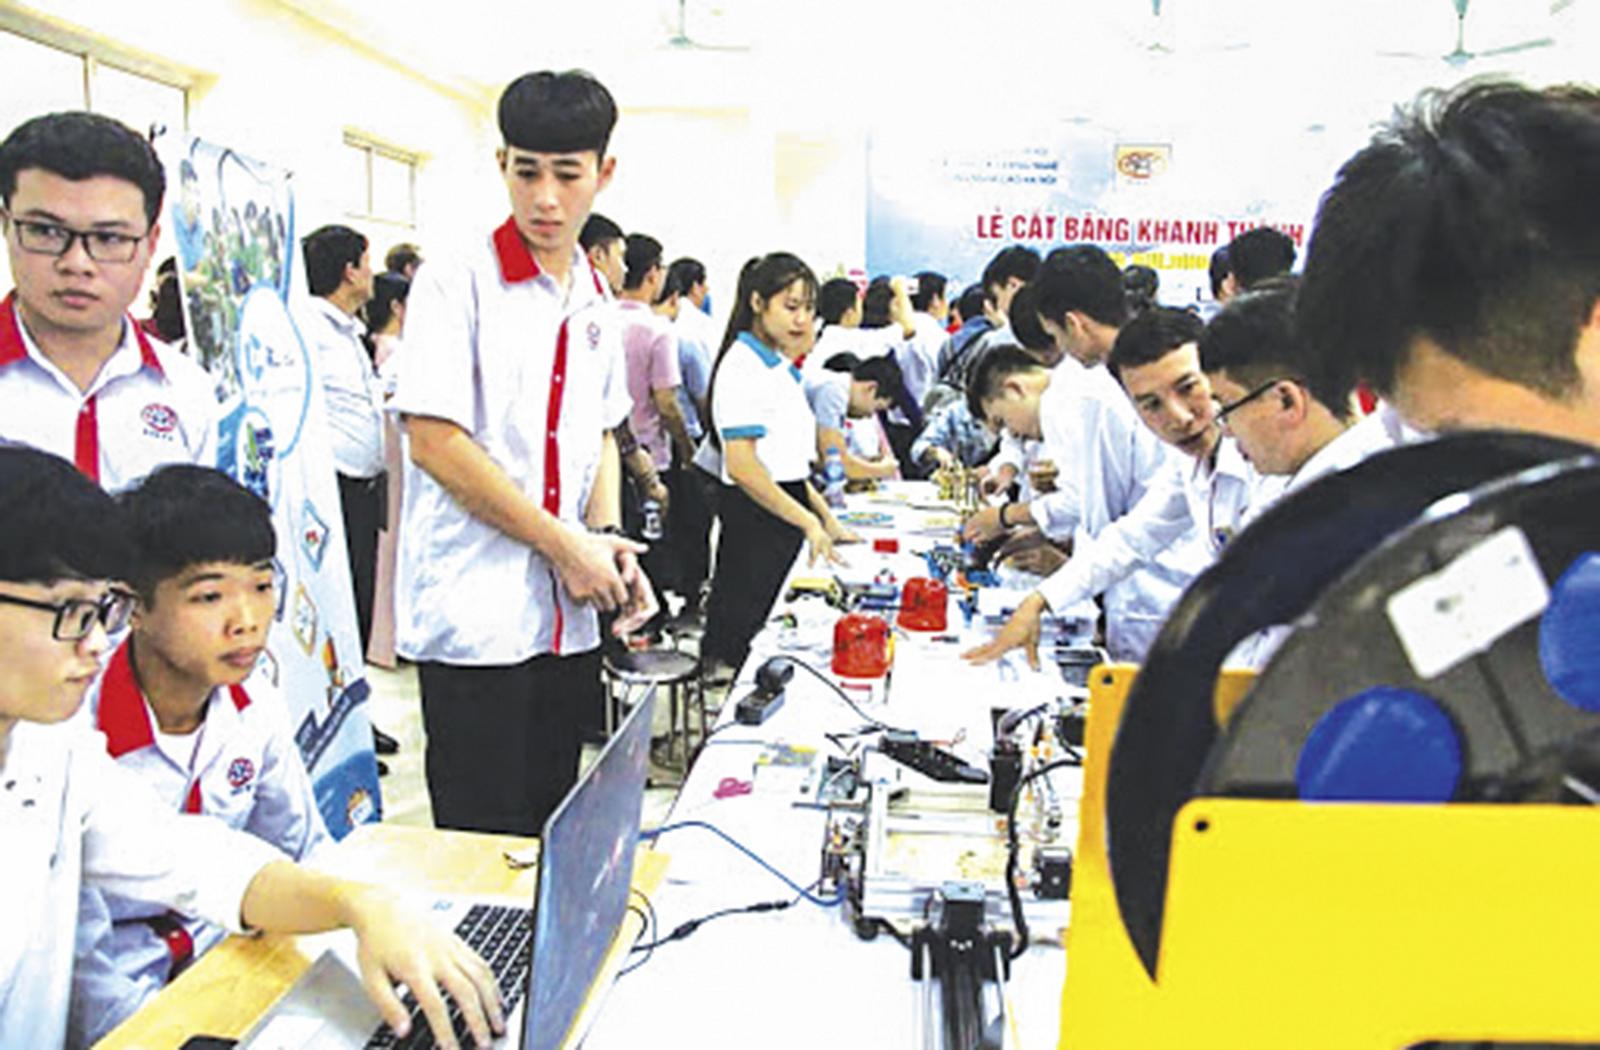 TP. Hà Nội: Hỗ trợ khởi nghiệp bằng nhiều hoạt động thiết thực